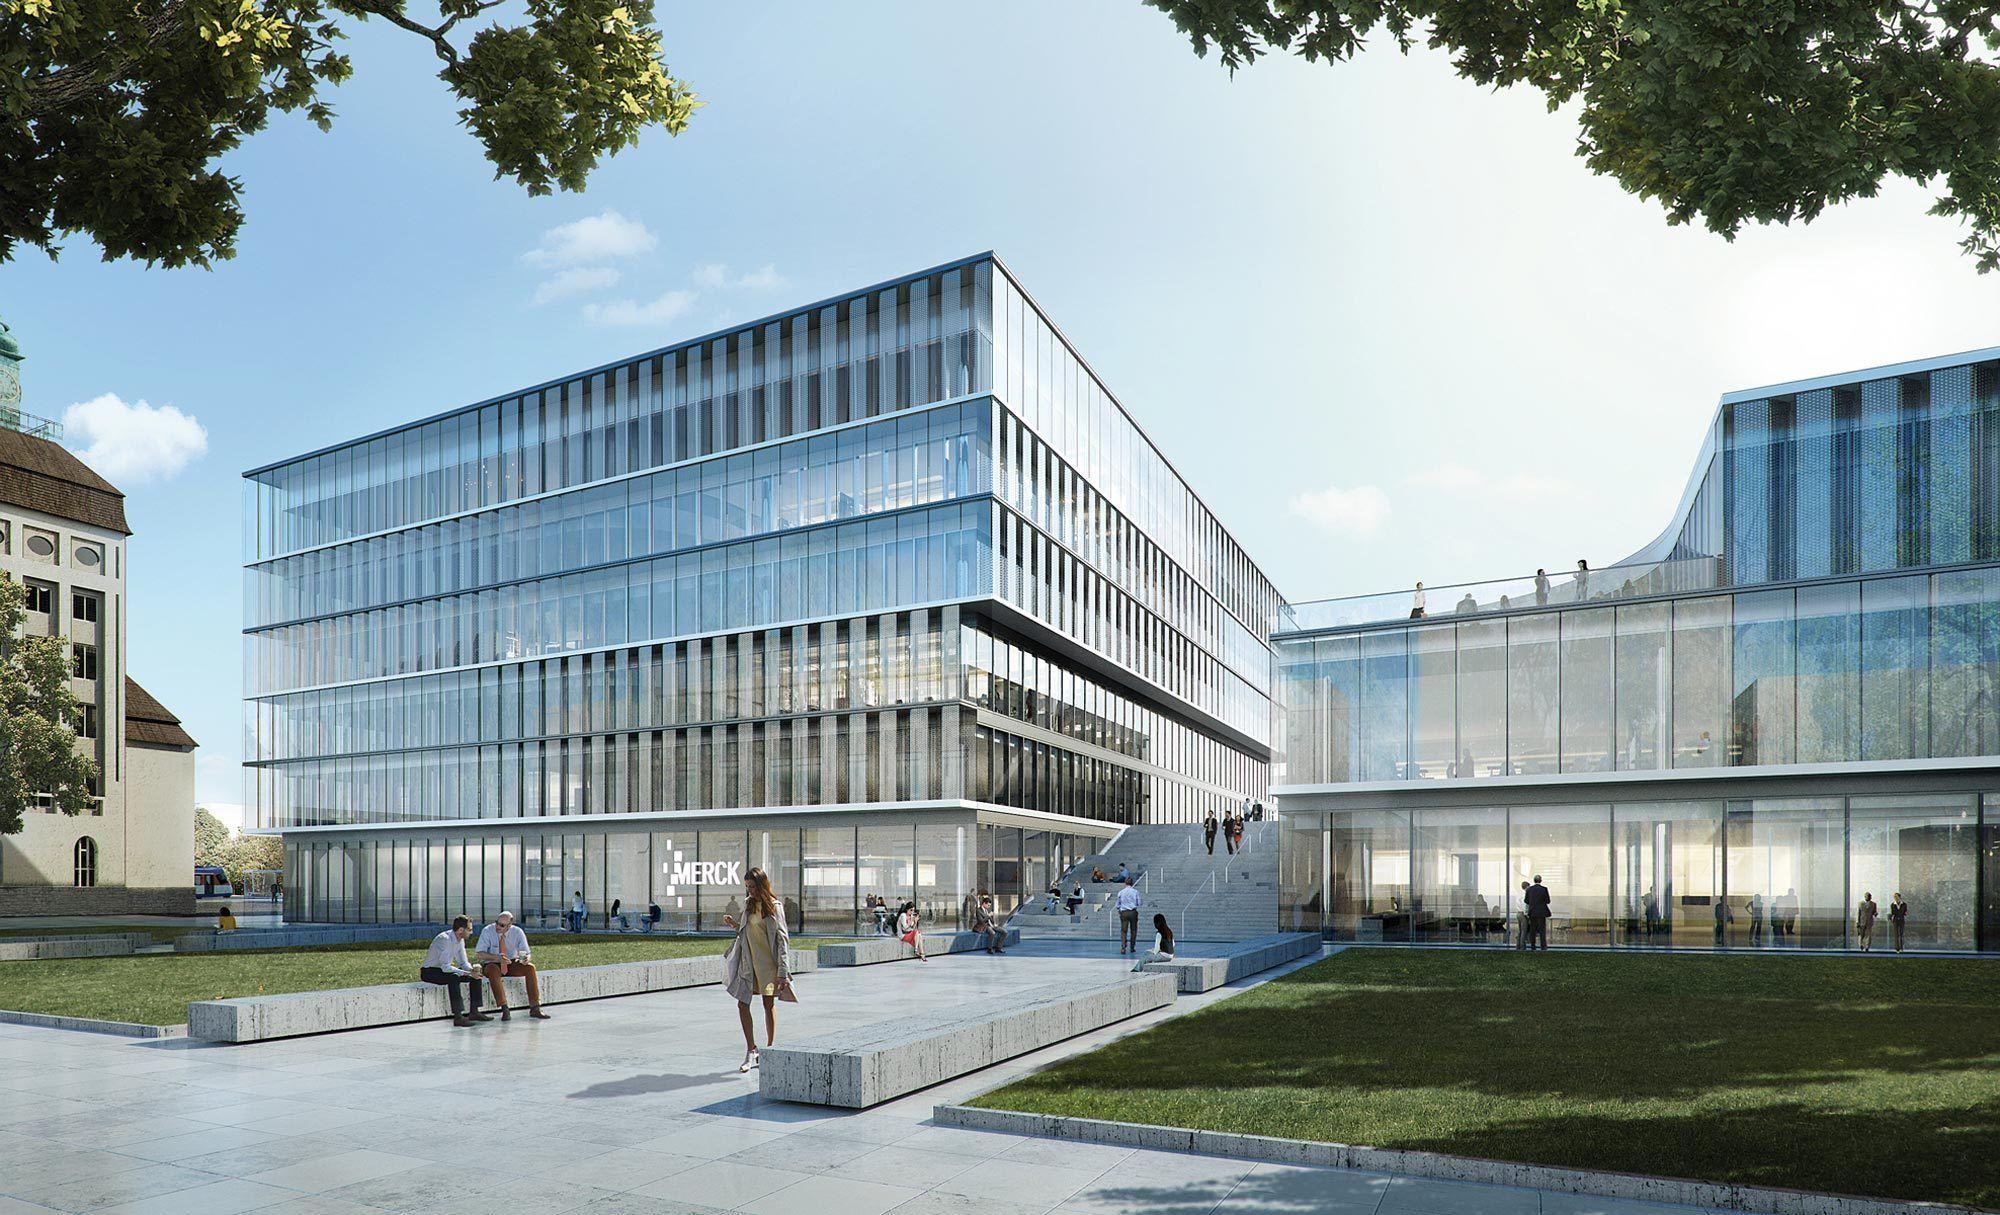 Architekten Darmstadt kleeblatt mit ren innovationszentrum henn in darmstadt